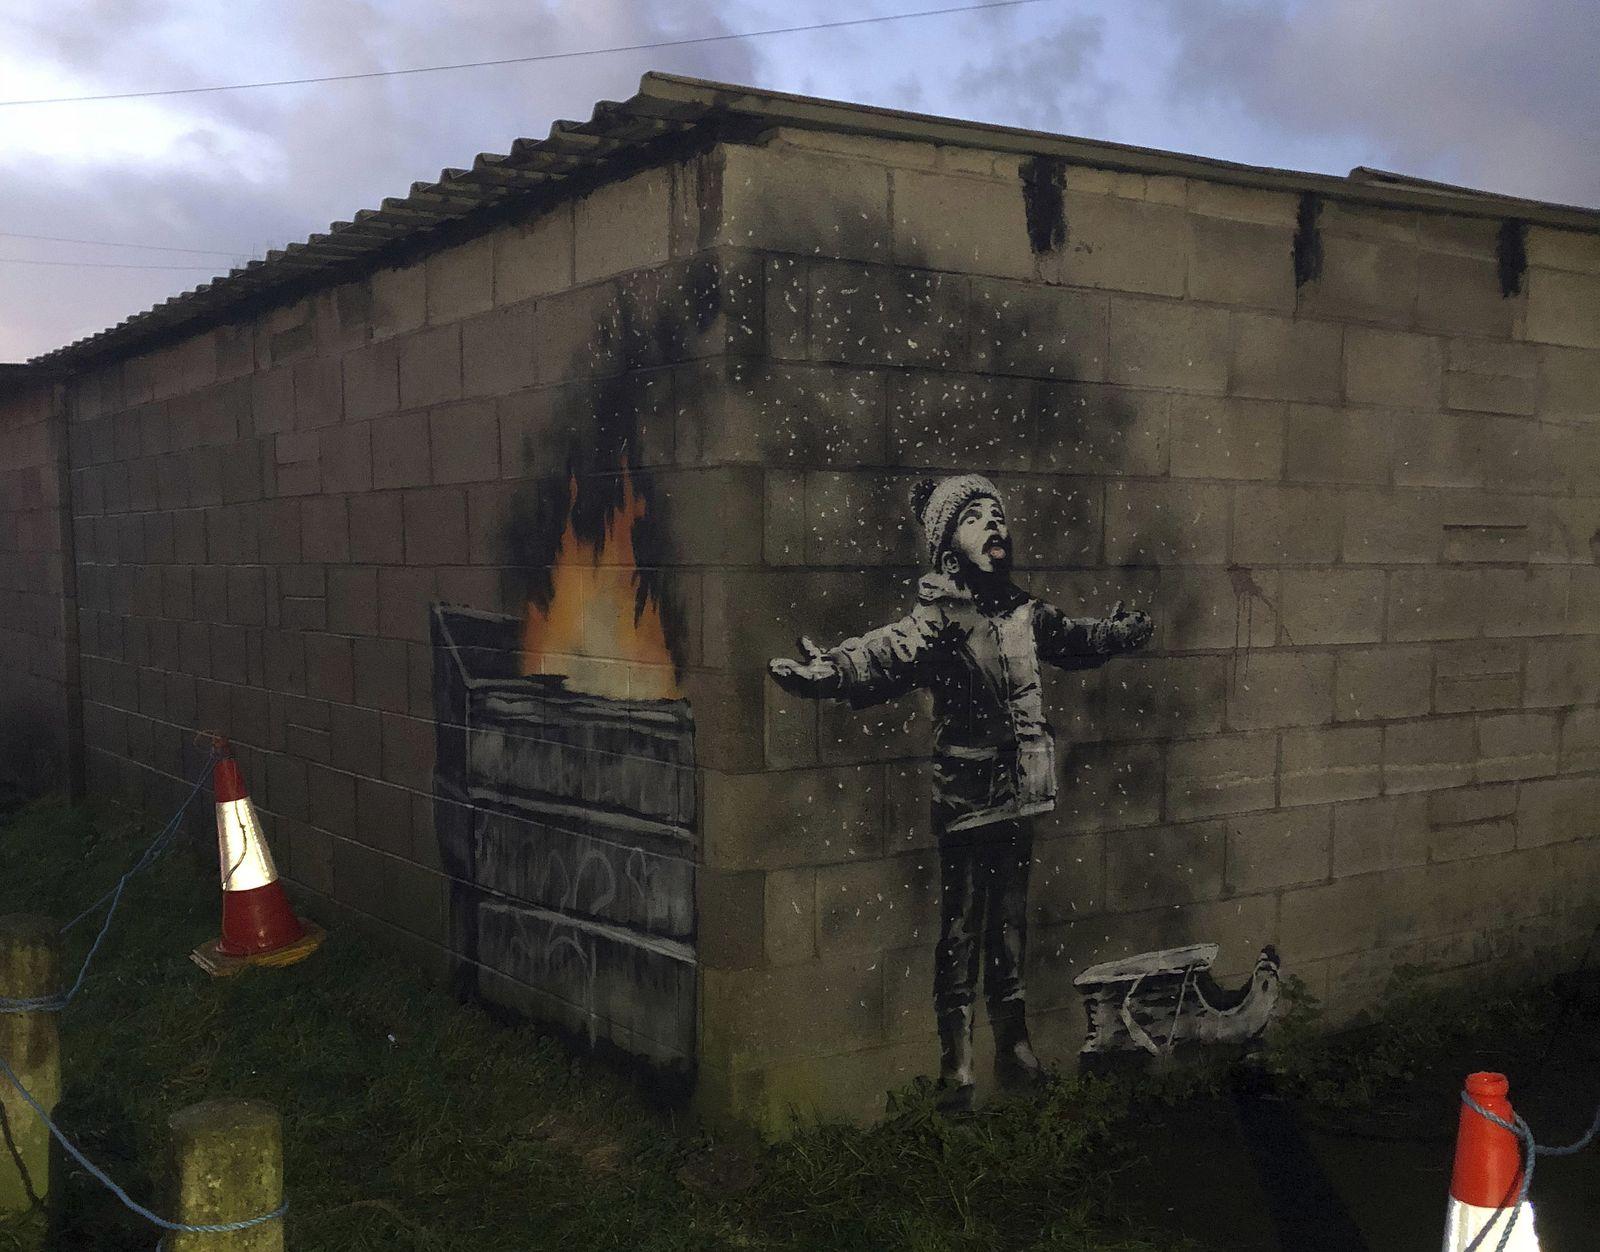 Neues Banksy-Werk aufgetaucht